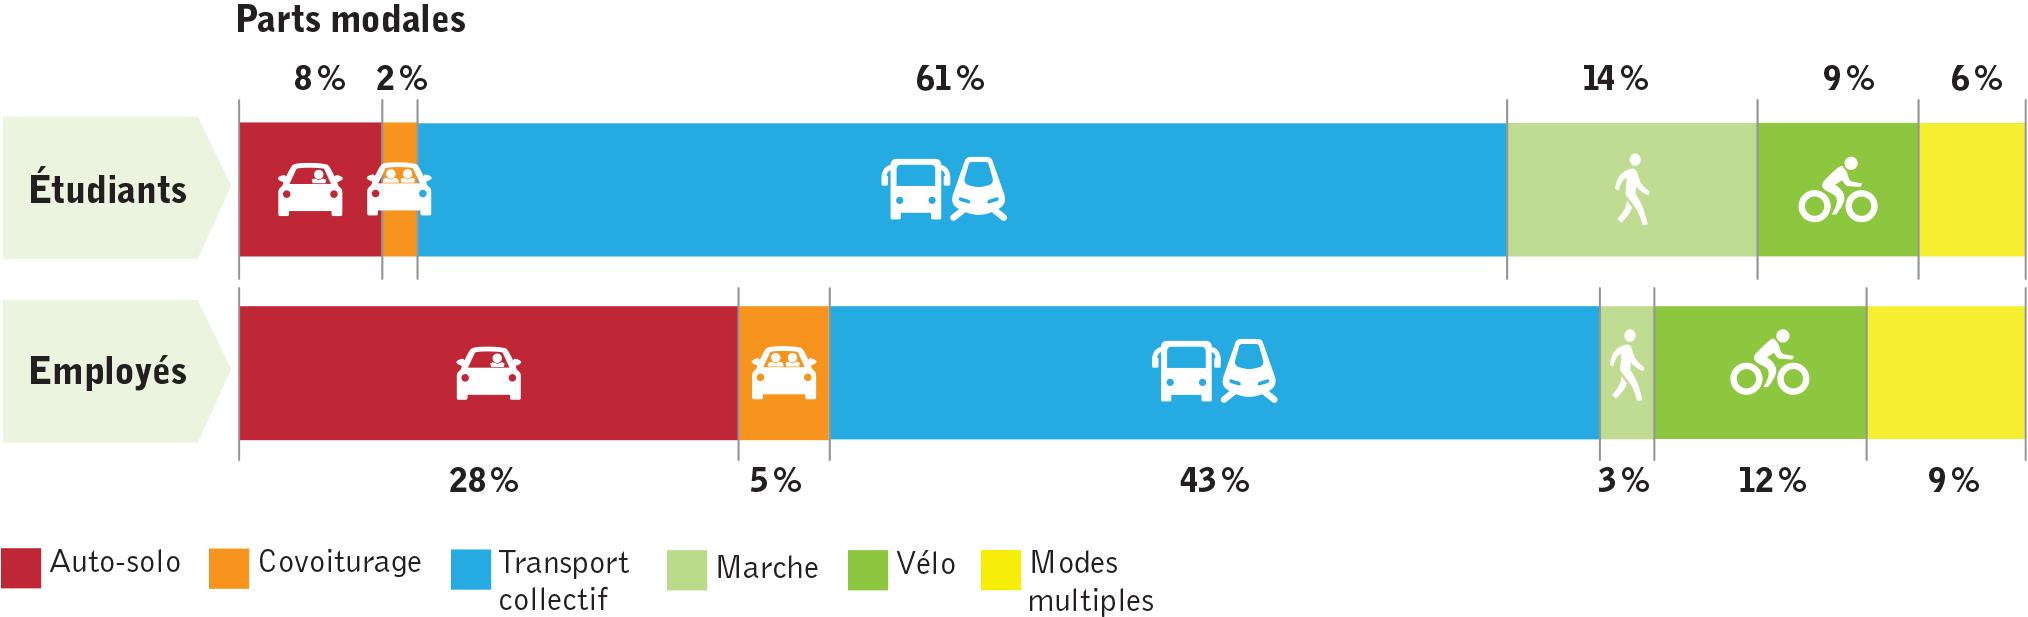 Habitudes de déplacements domicile-Poly (selon les réponses au sondage mobilité)